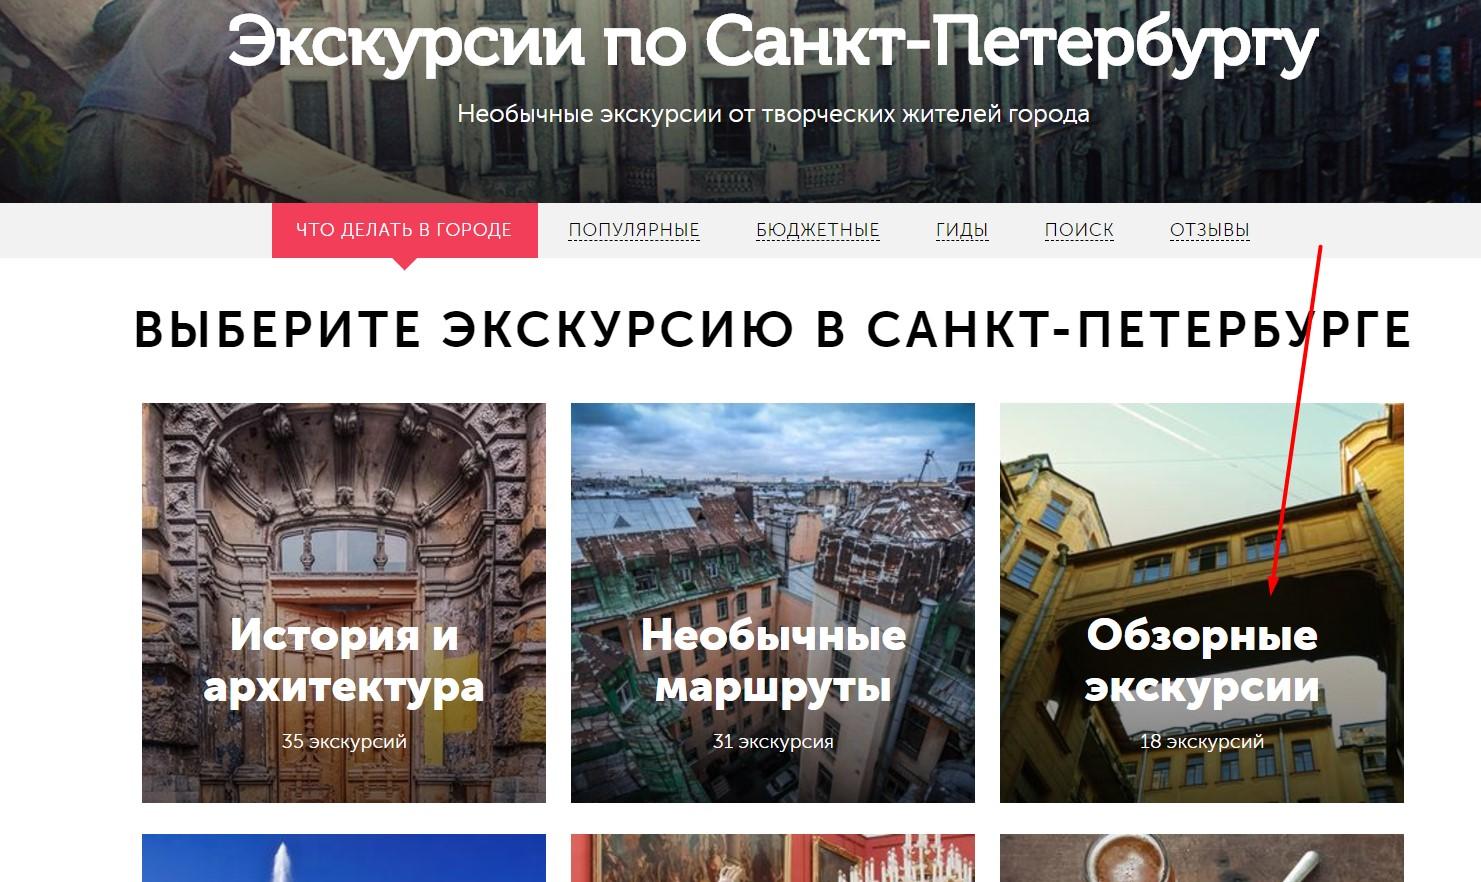 трипстер санкт петербург обзорные экскурсии